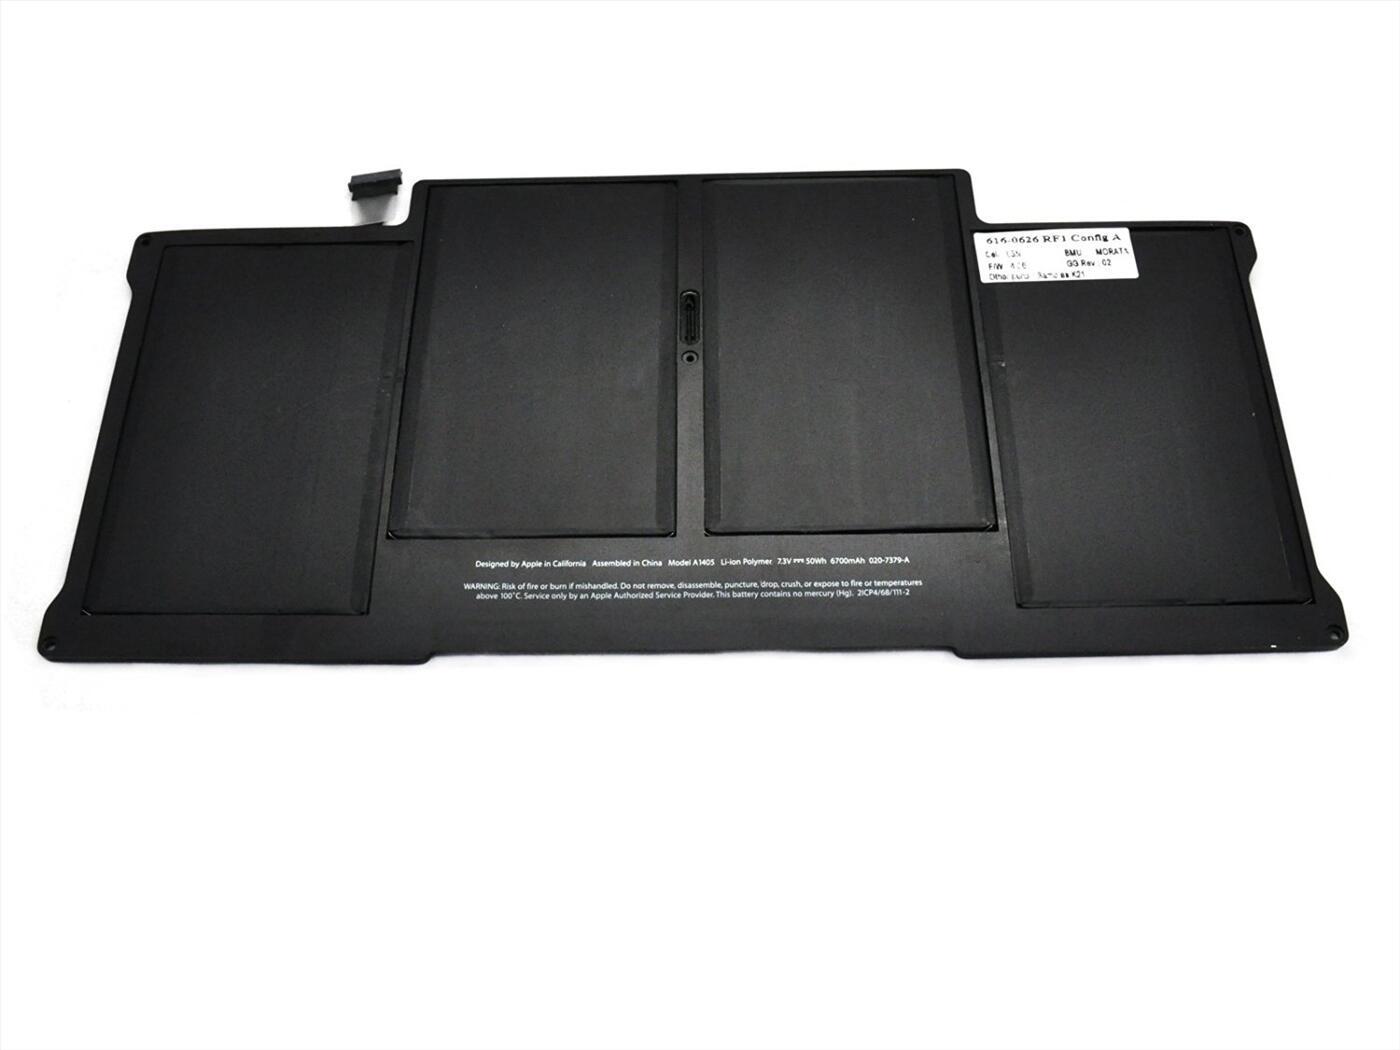 MacBook Air 13″ A1369 (Late 2010) MC504LL/A